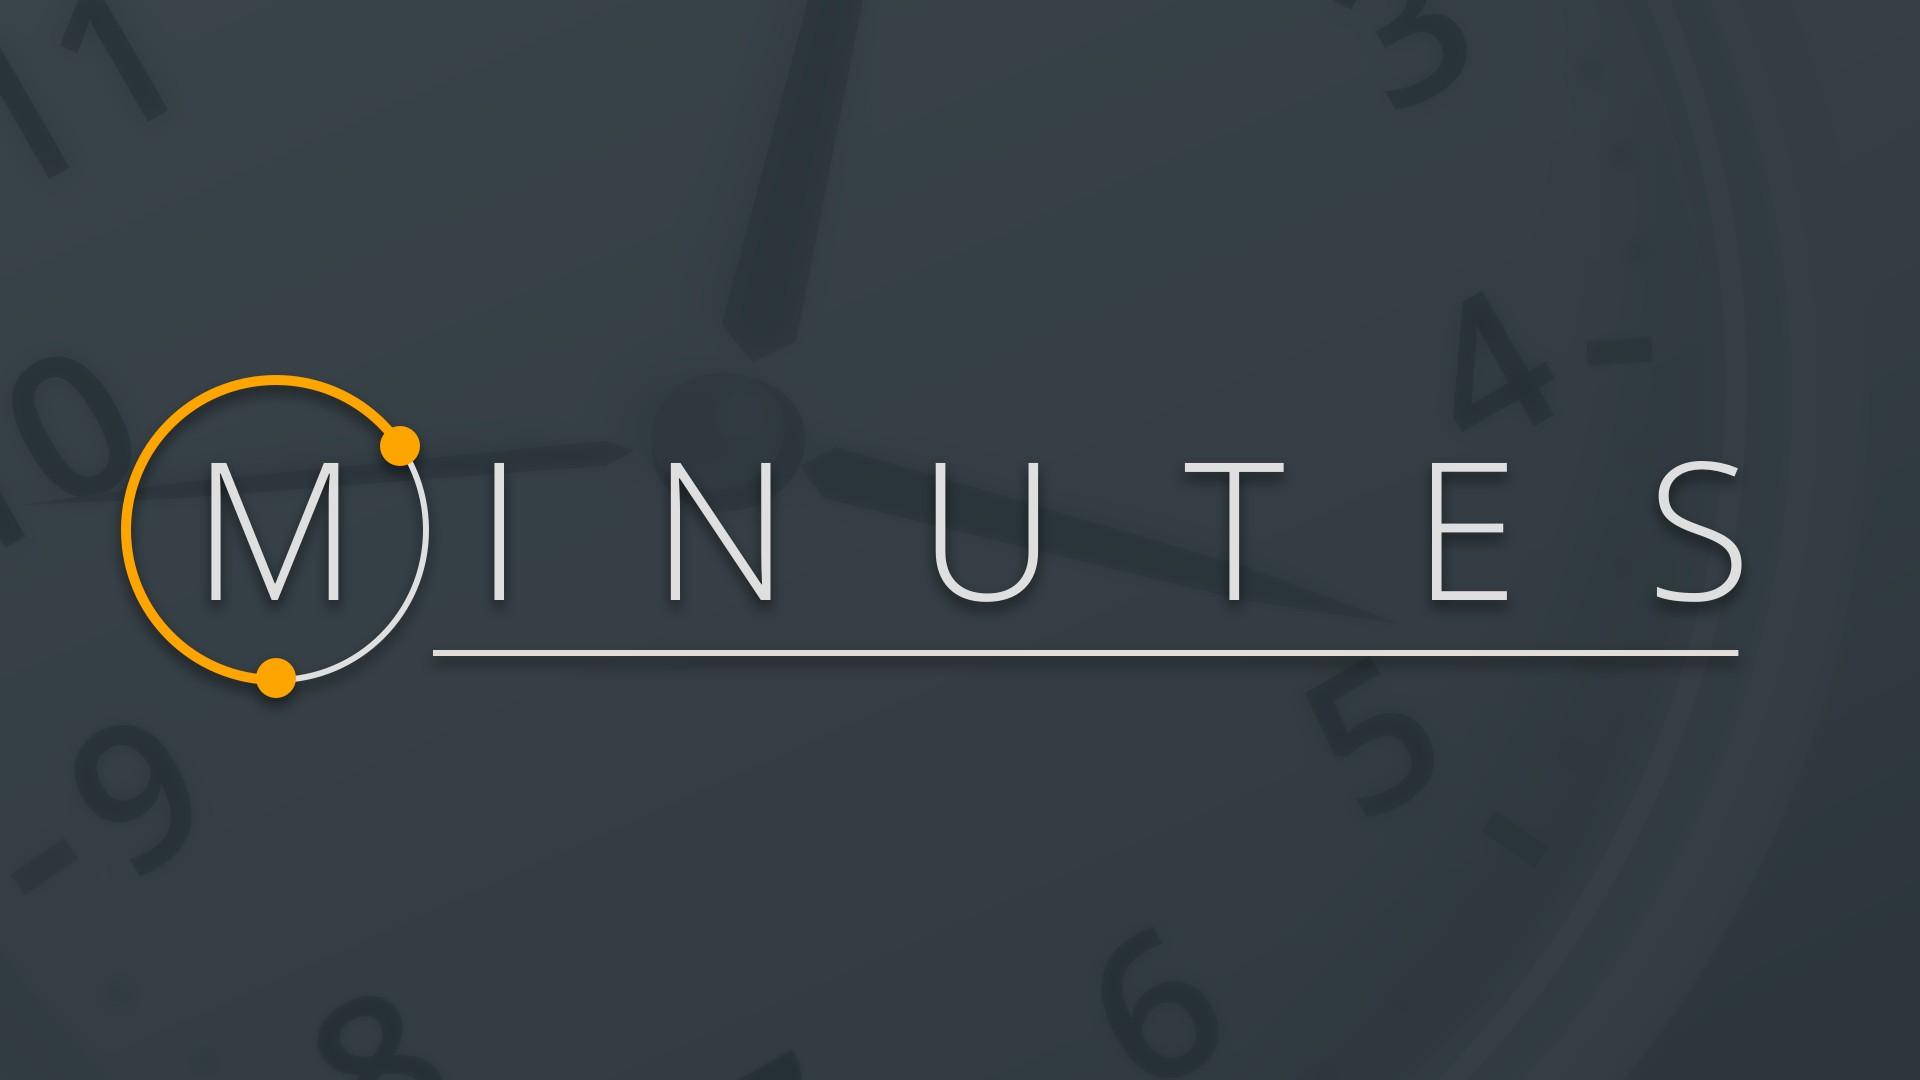 Minutes header